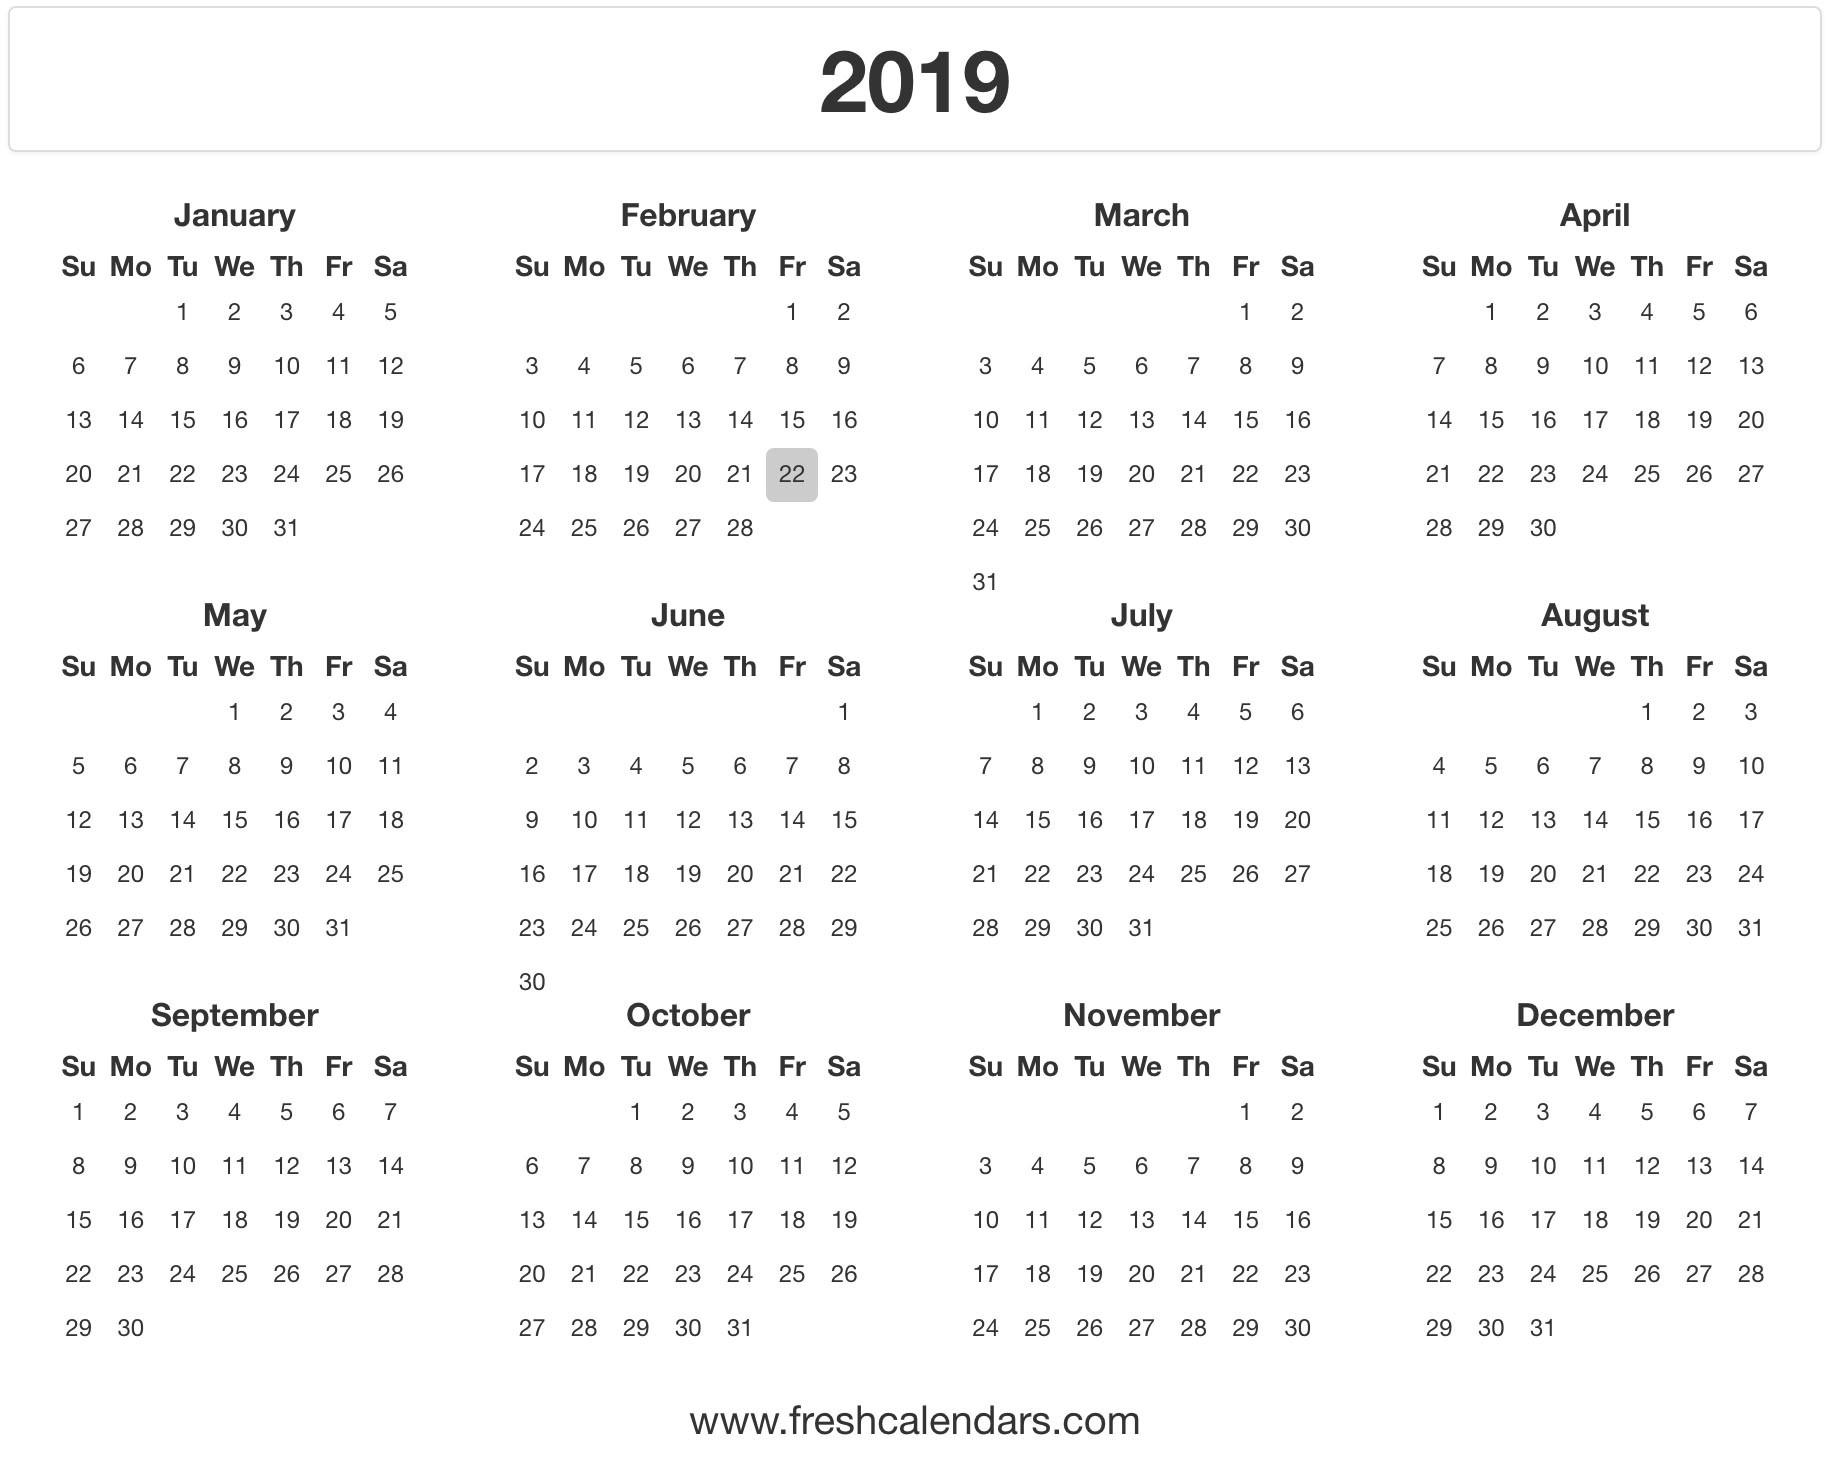 Free Printable Calendars Com 2019 2019 Calendar